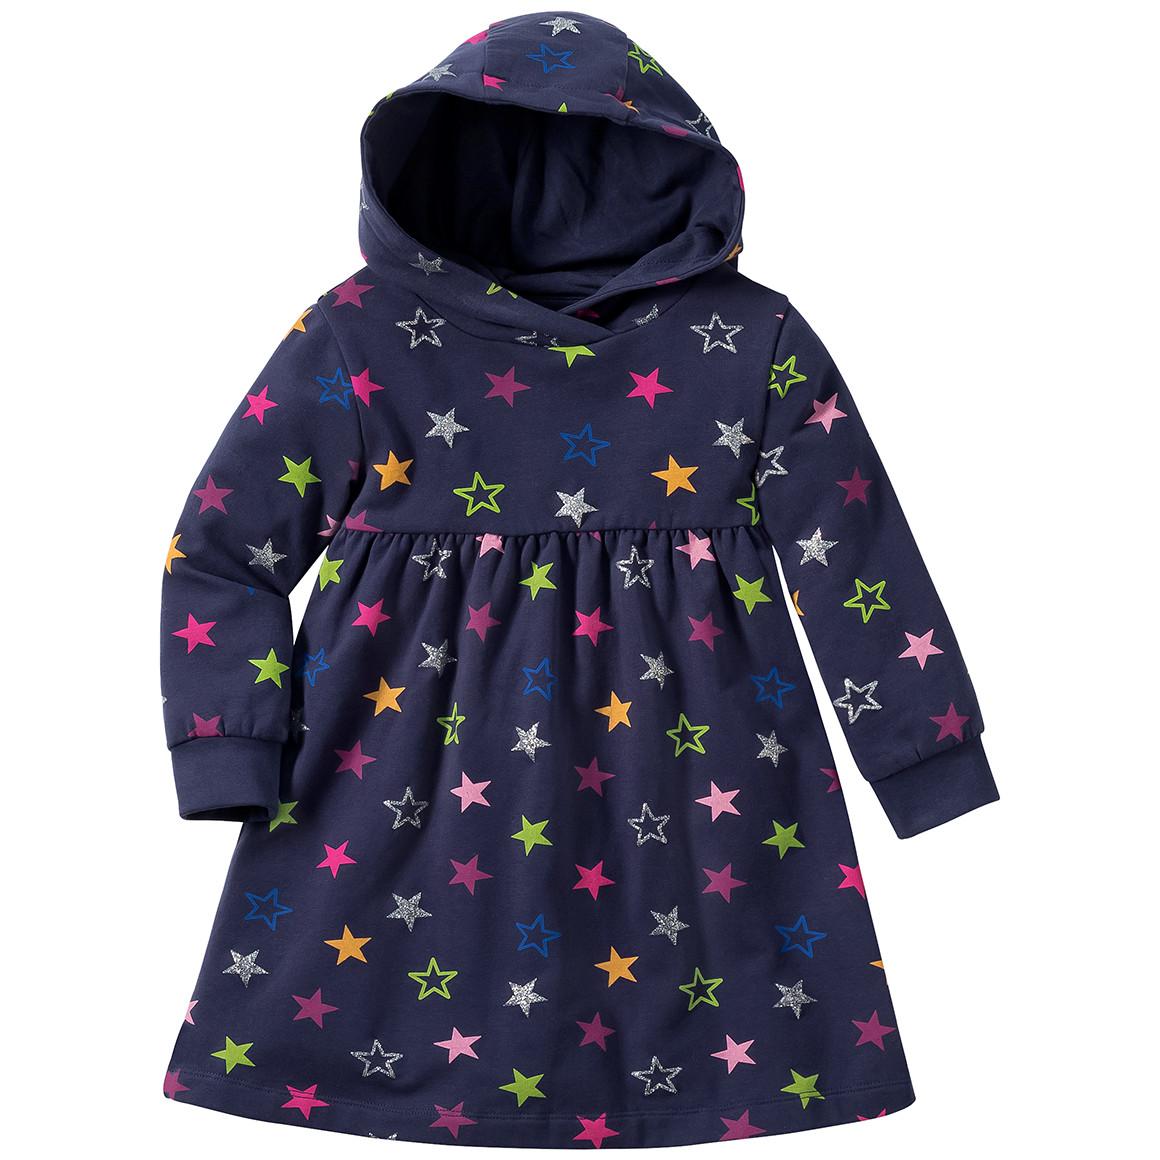 Babykleiderroecke - Baby Sweatkleid mit bunten Sternen allover - Onlineshop Ernstings family